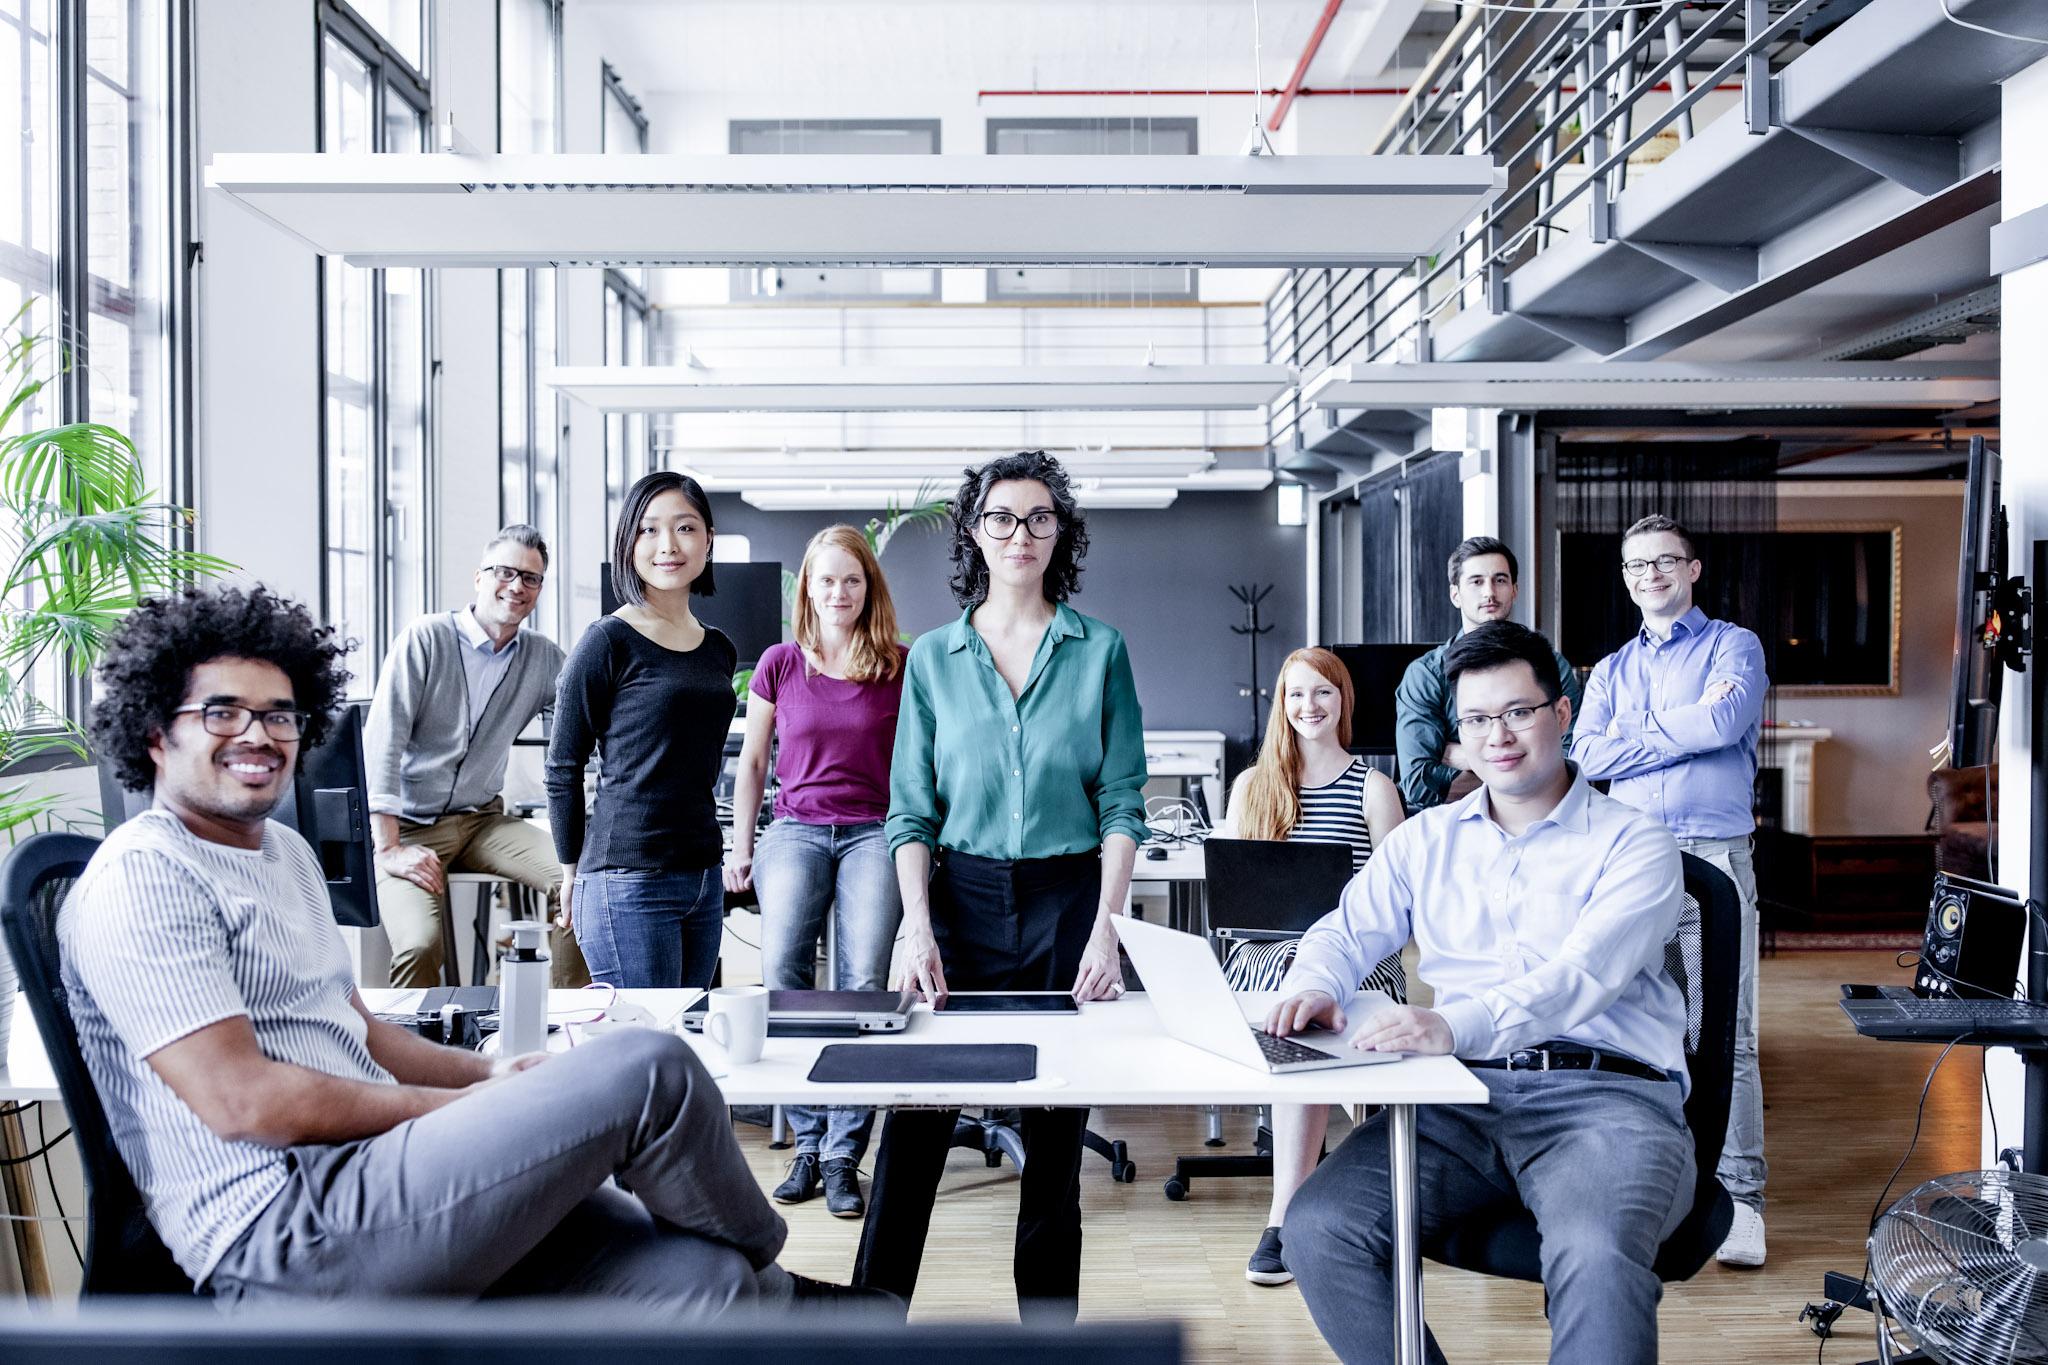 Neuf personnes s'assoient ou se tiennent ensemble dans une même pièce